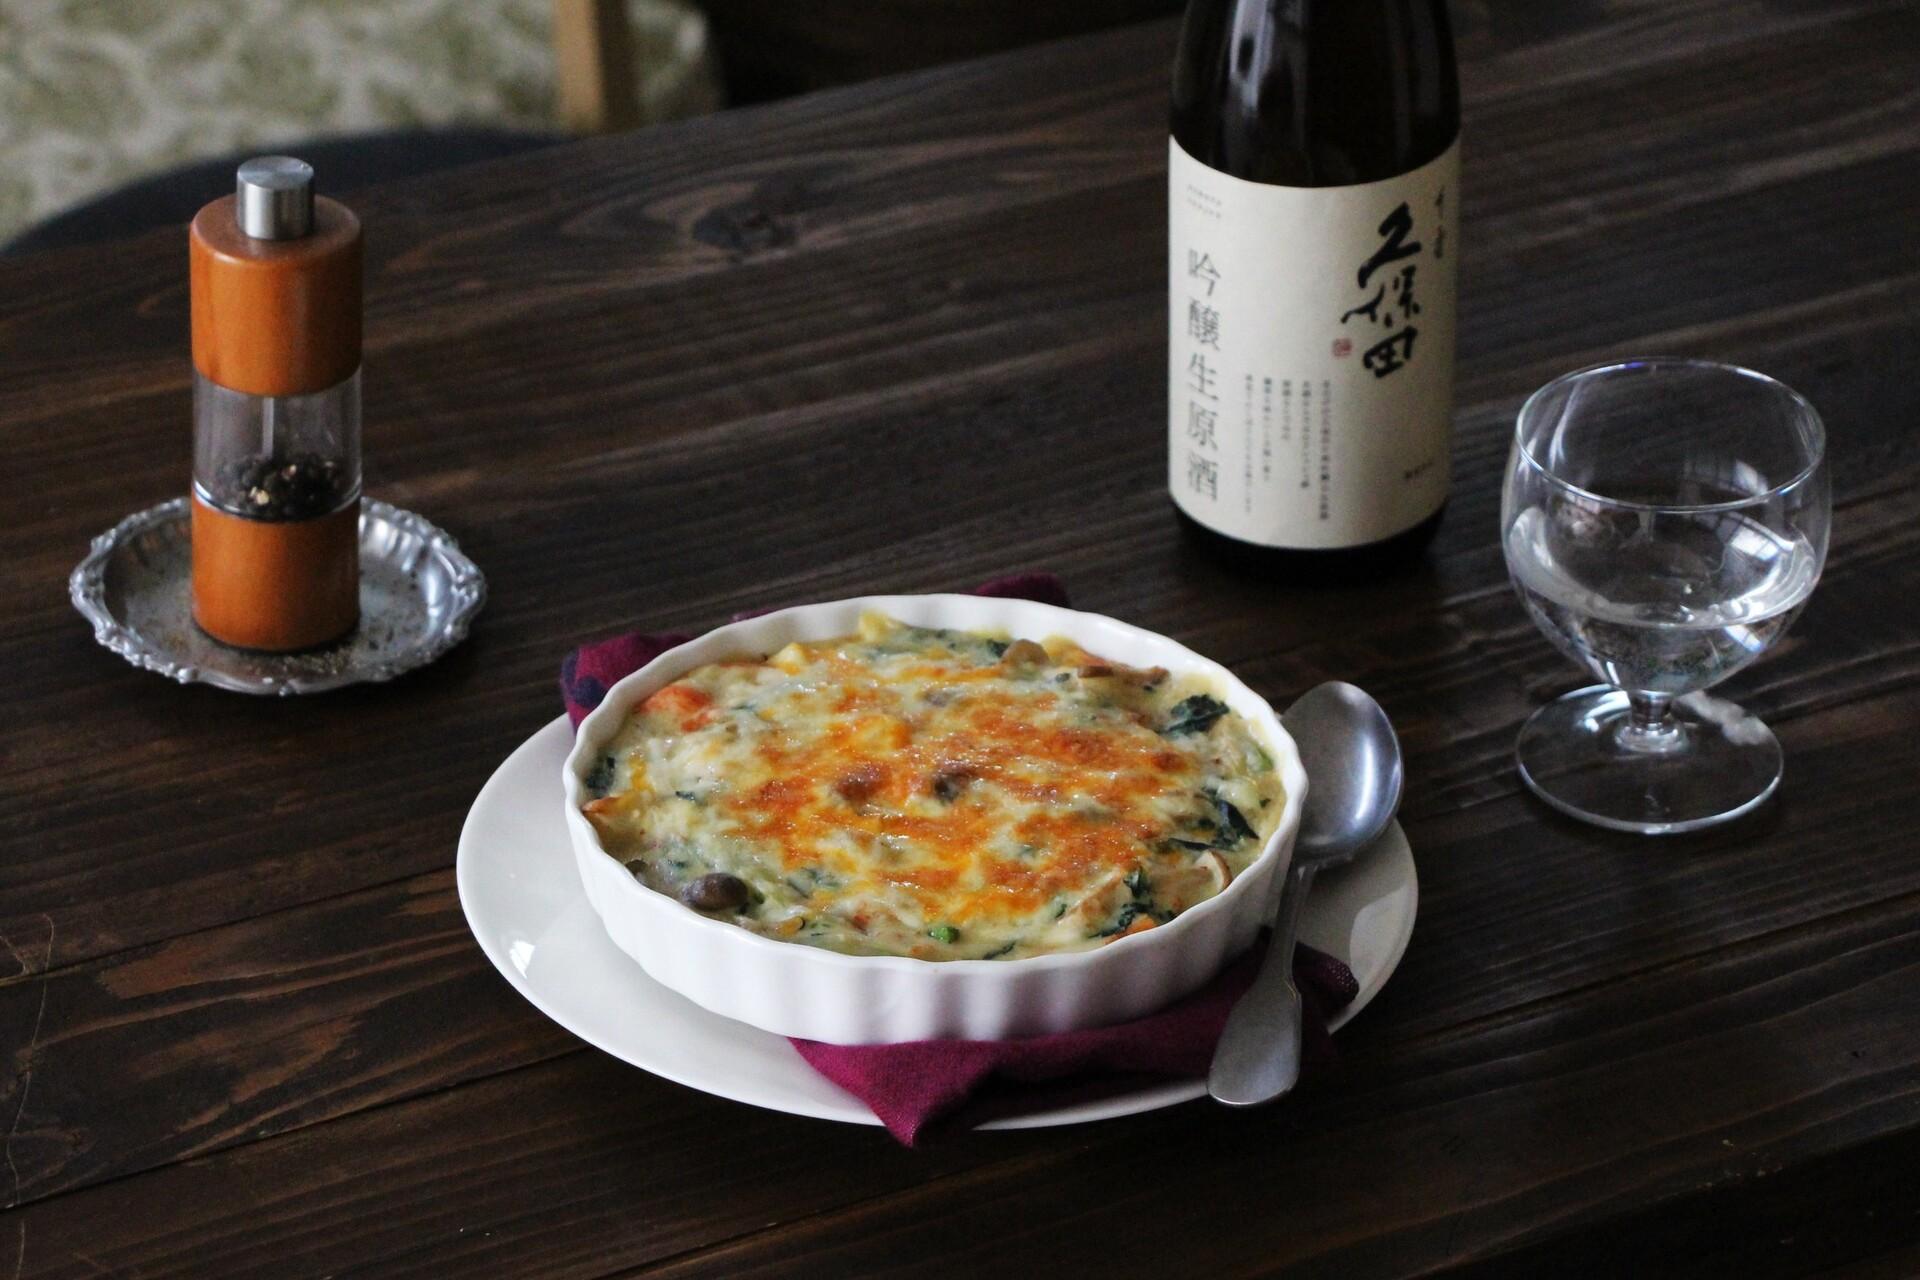 日本酒をもっと楽しむおつまみレシピ|たら・春菊・かにかまの豆乳グラタン